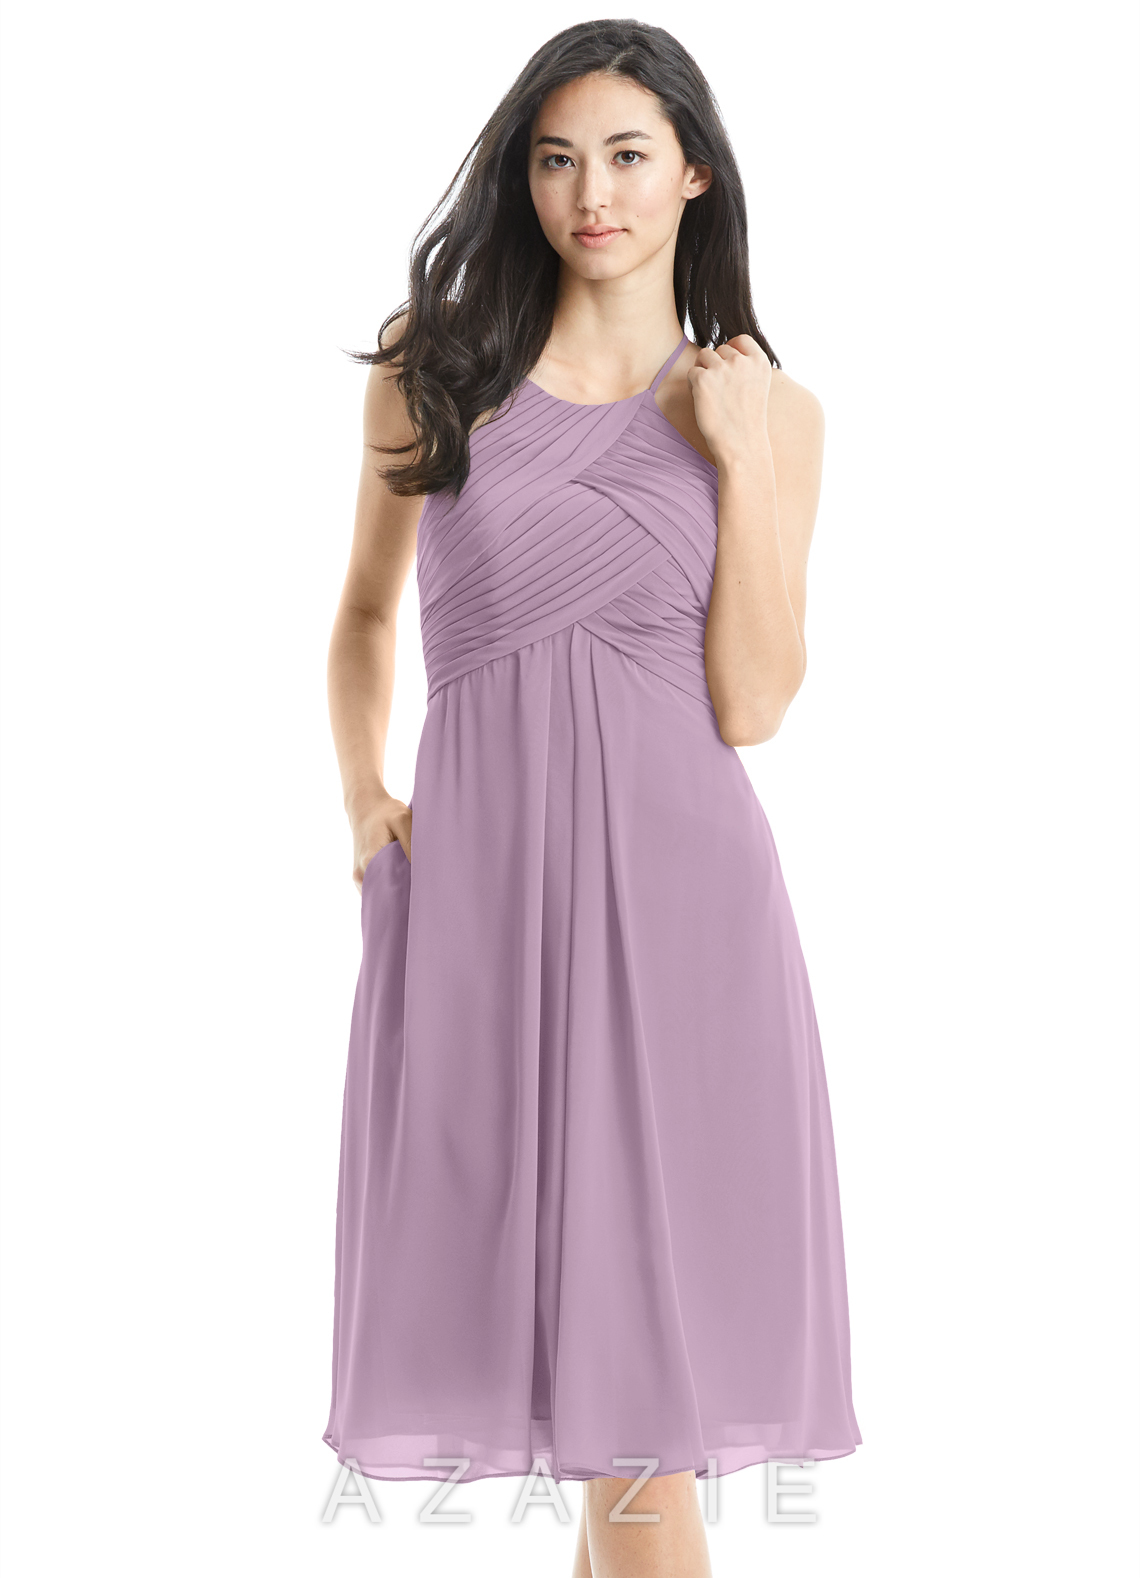 a17fb7fd05c Azazie Adriana Bridesmaid Dresses